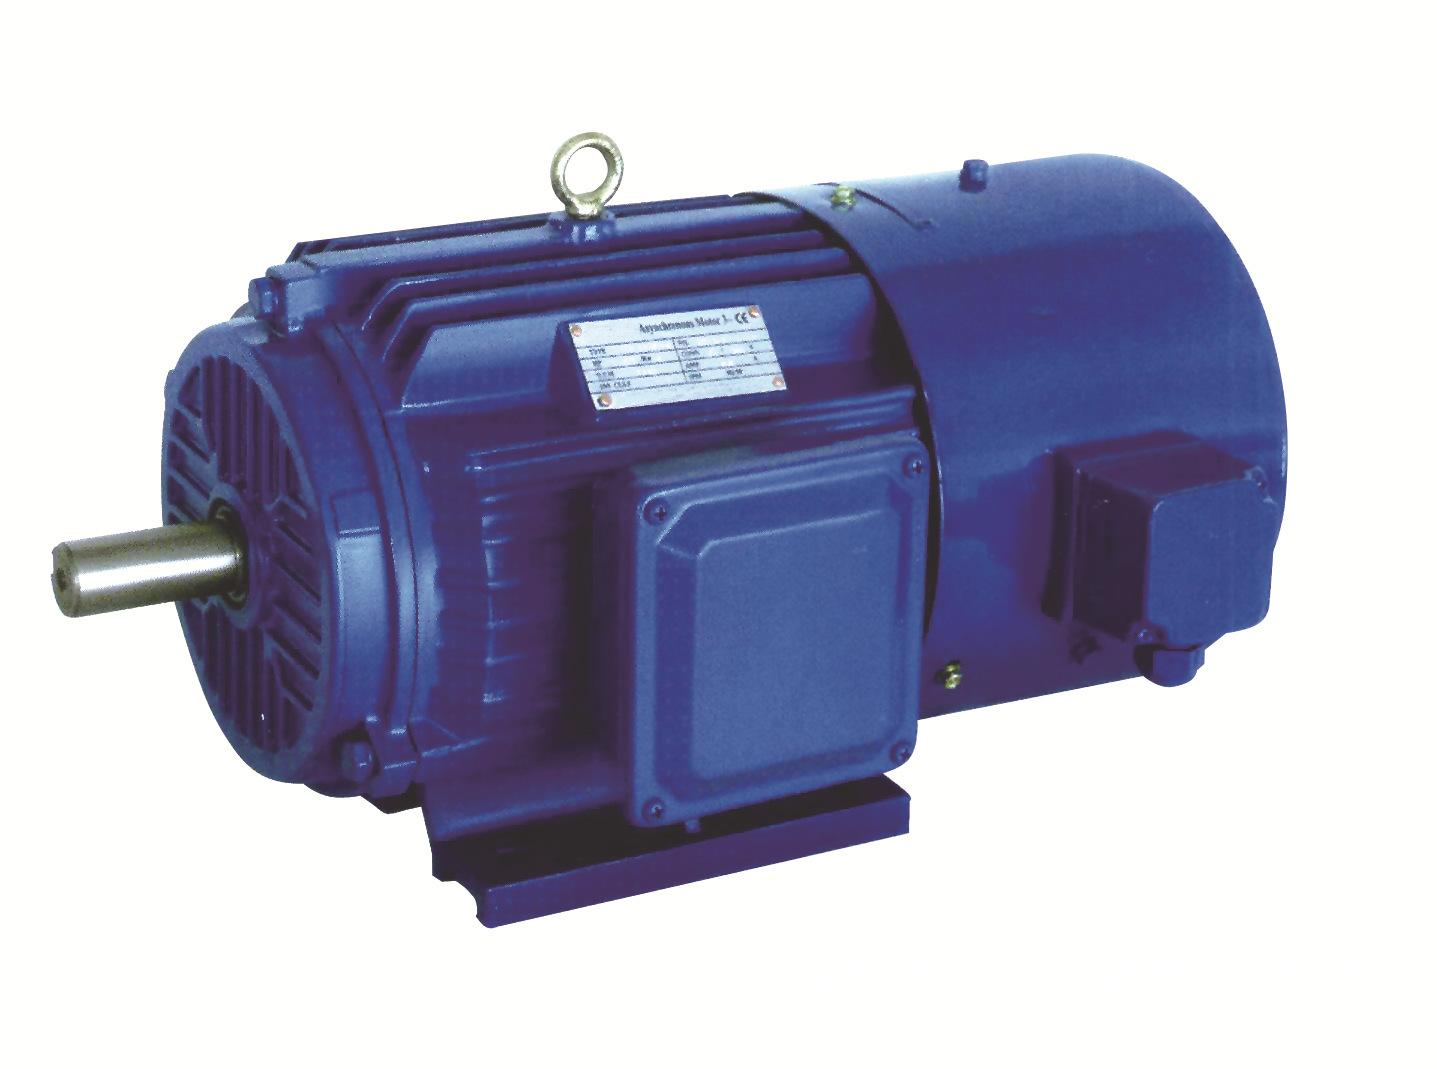 变频电机三相异步电动机YVF2-11KW8极厂家直销380V